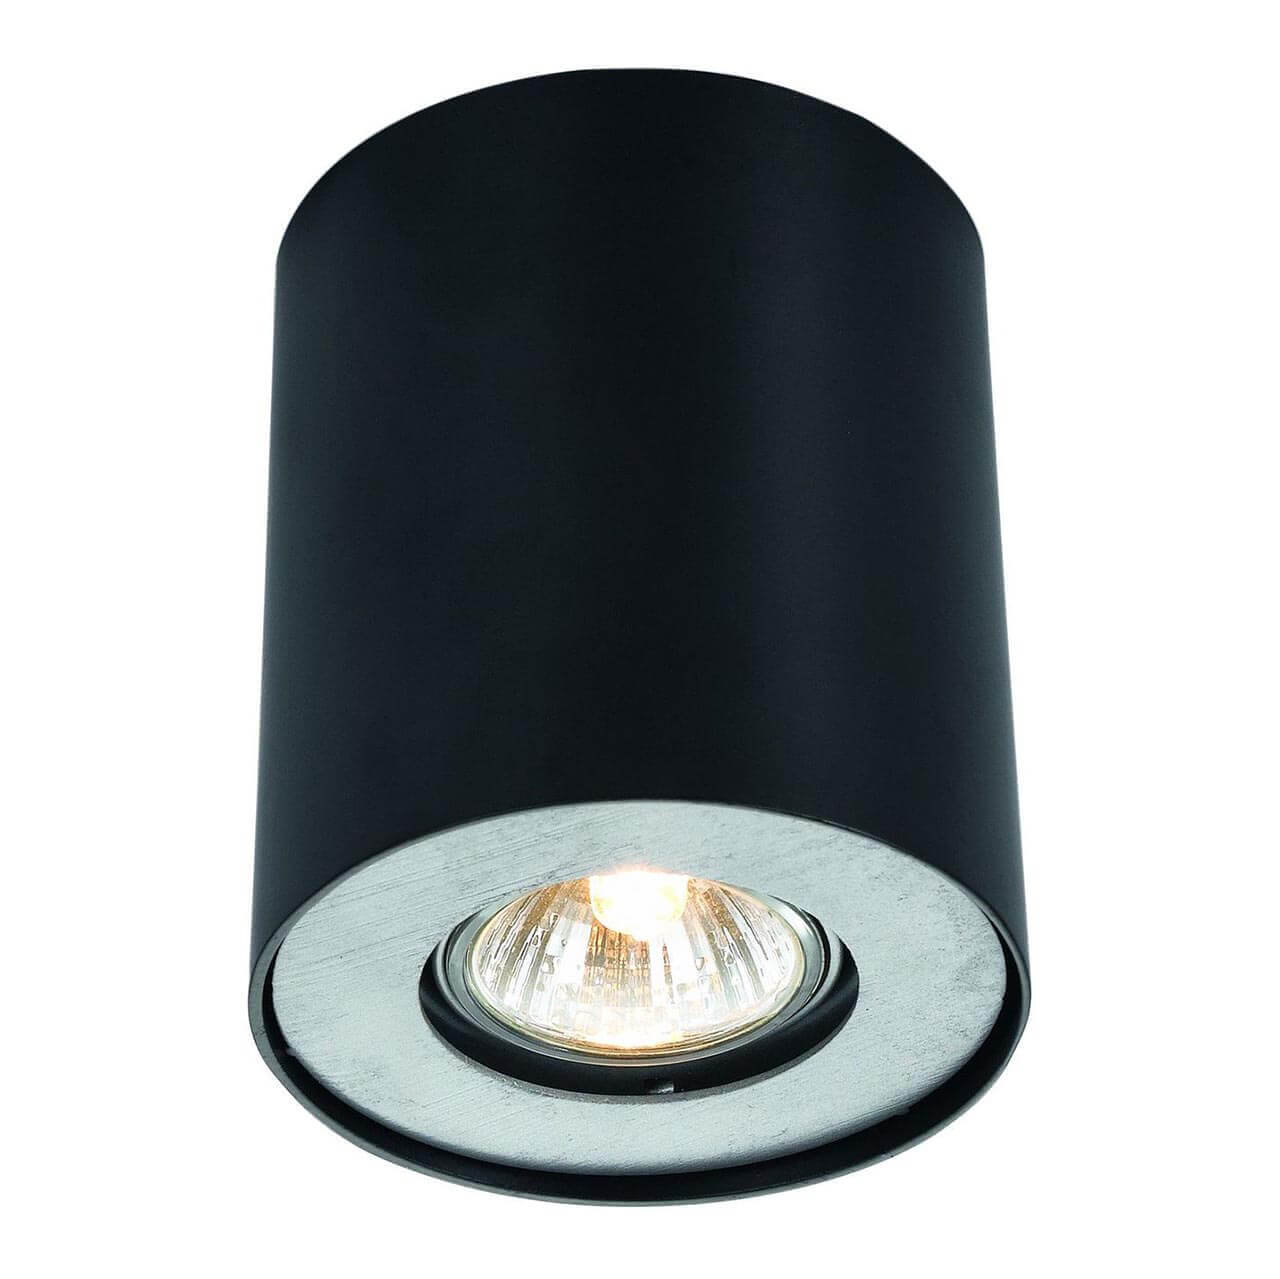 Потолочный светильник Arte Lamp Falcon A5633PL-1BK arte lamp светильник arte lamp falcon a5633pl 2bk